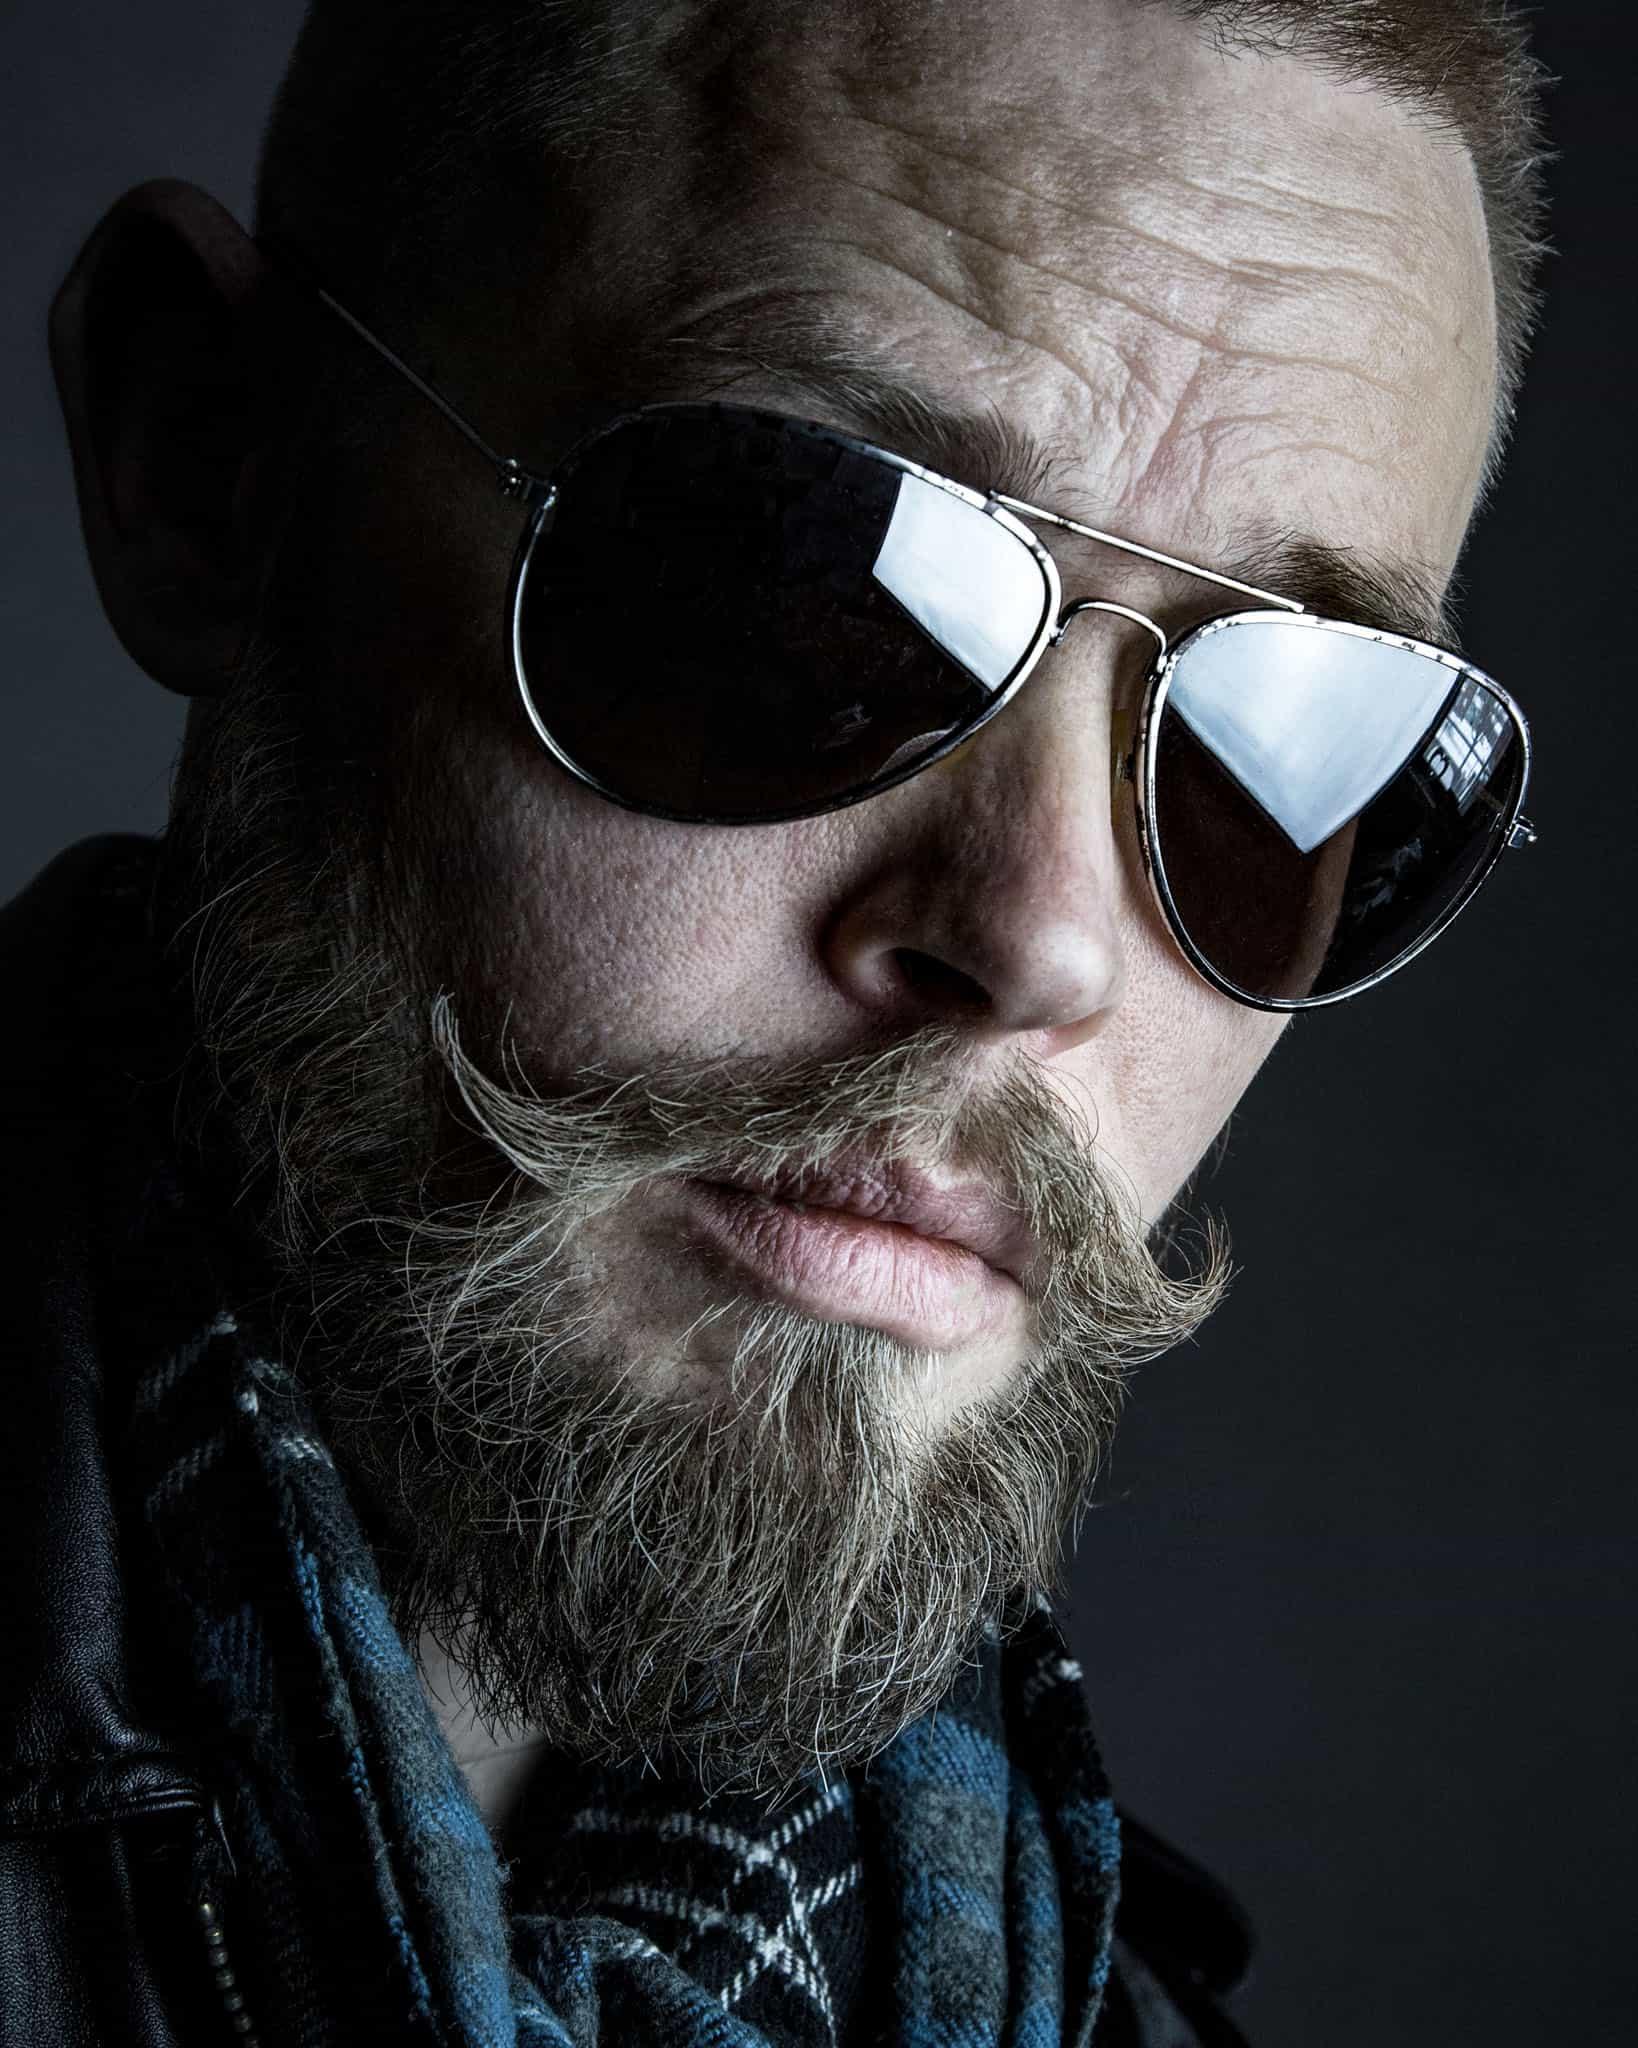 Fotograf Joachim Persson